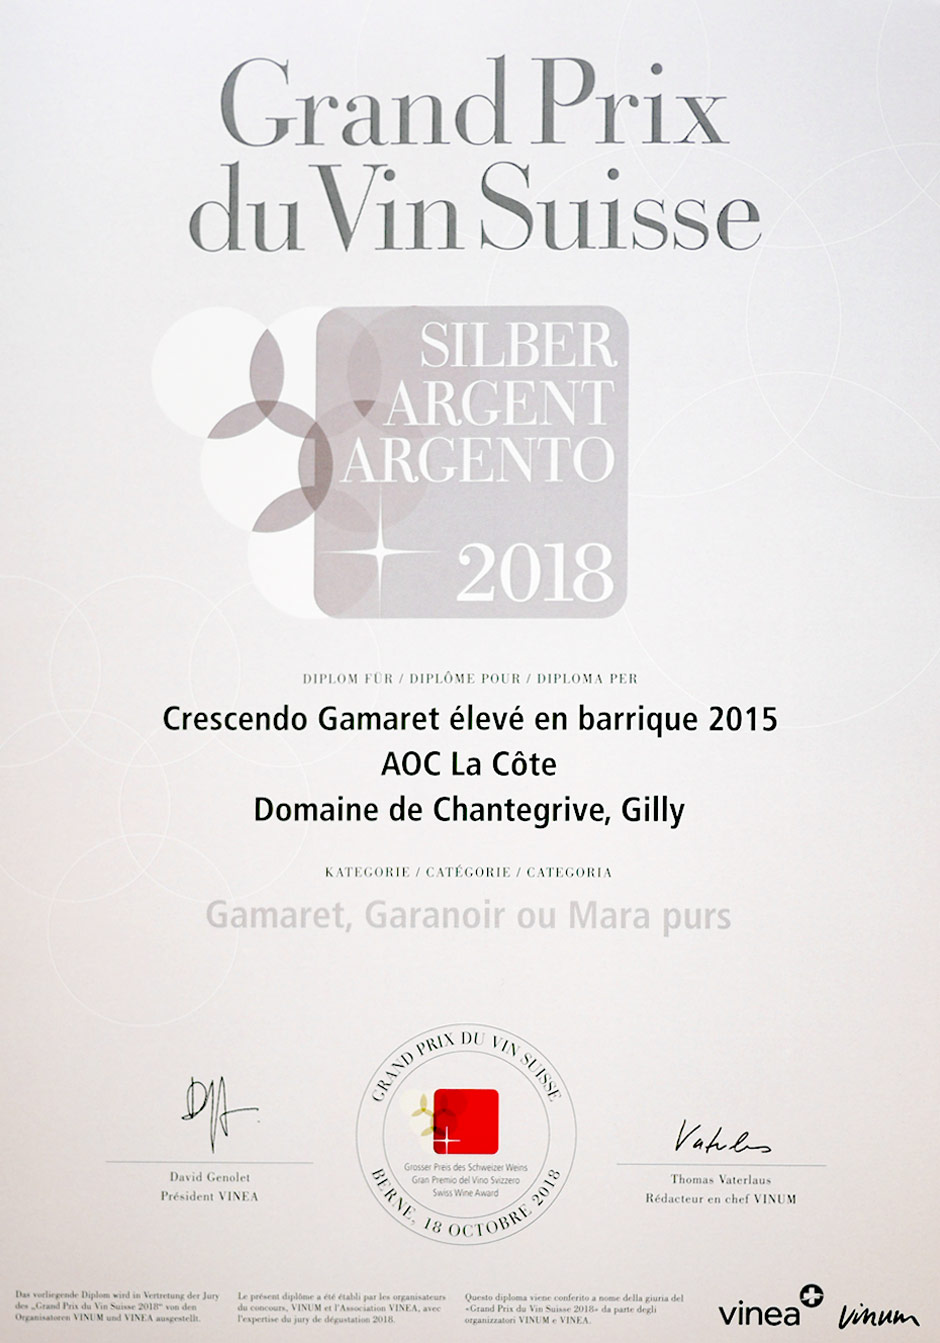 Vin primé 2018 (Argent) Crescendo-Gamaret 2015 Domaine de Chantegrive